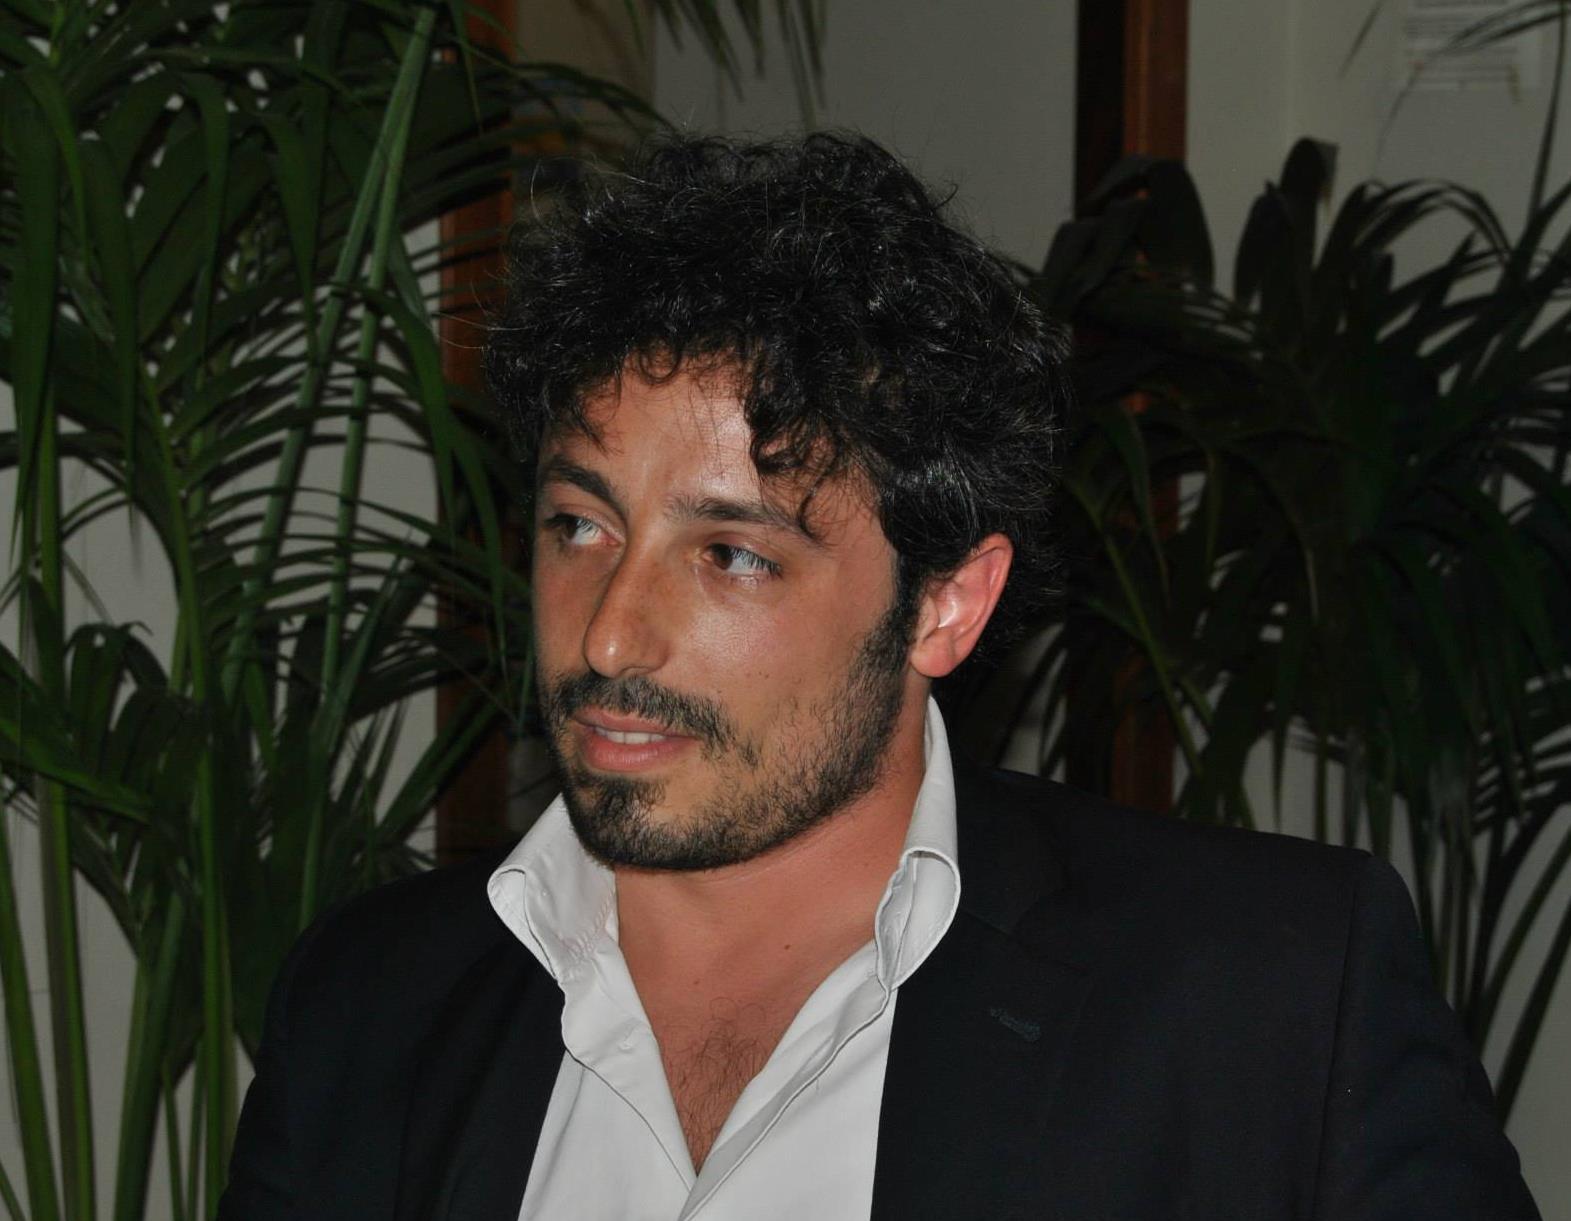 Andrea Scavo